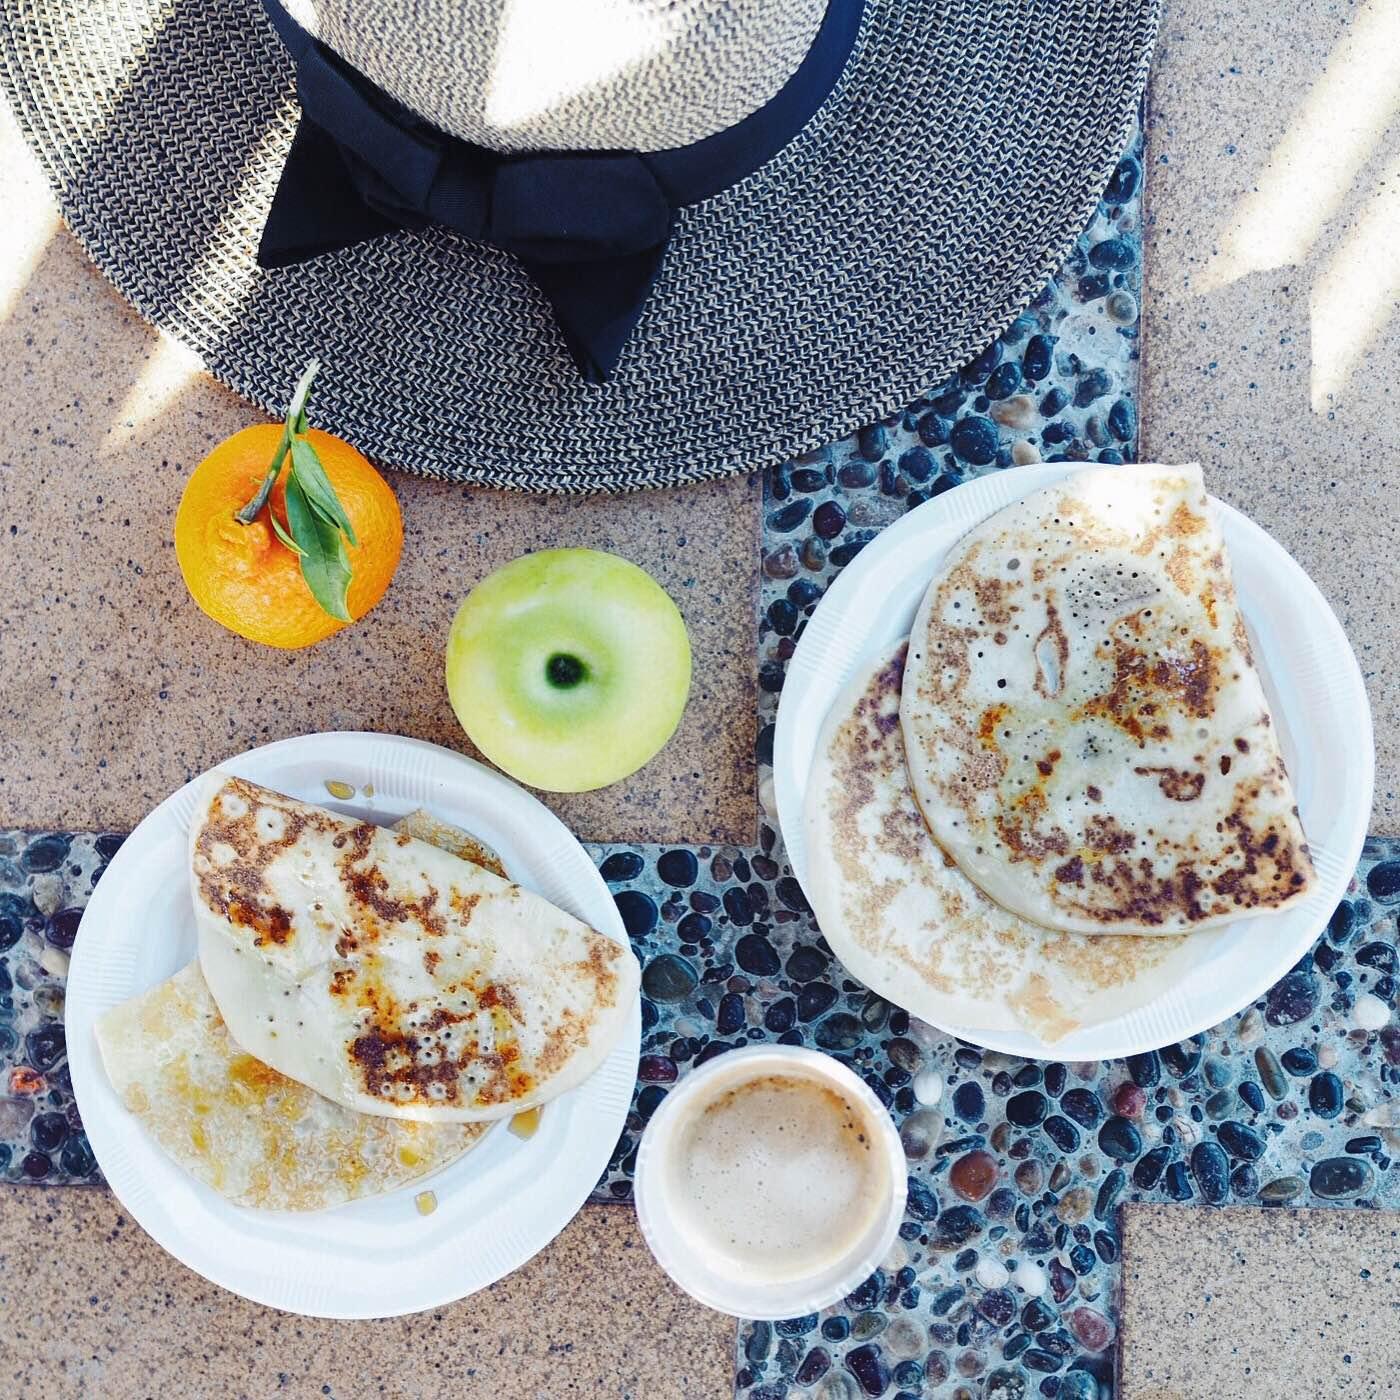 Morgenmad i Marokko. Det spiser man